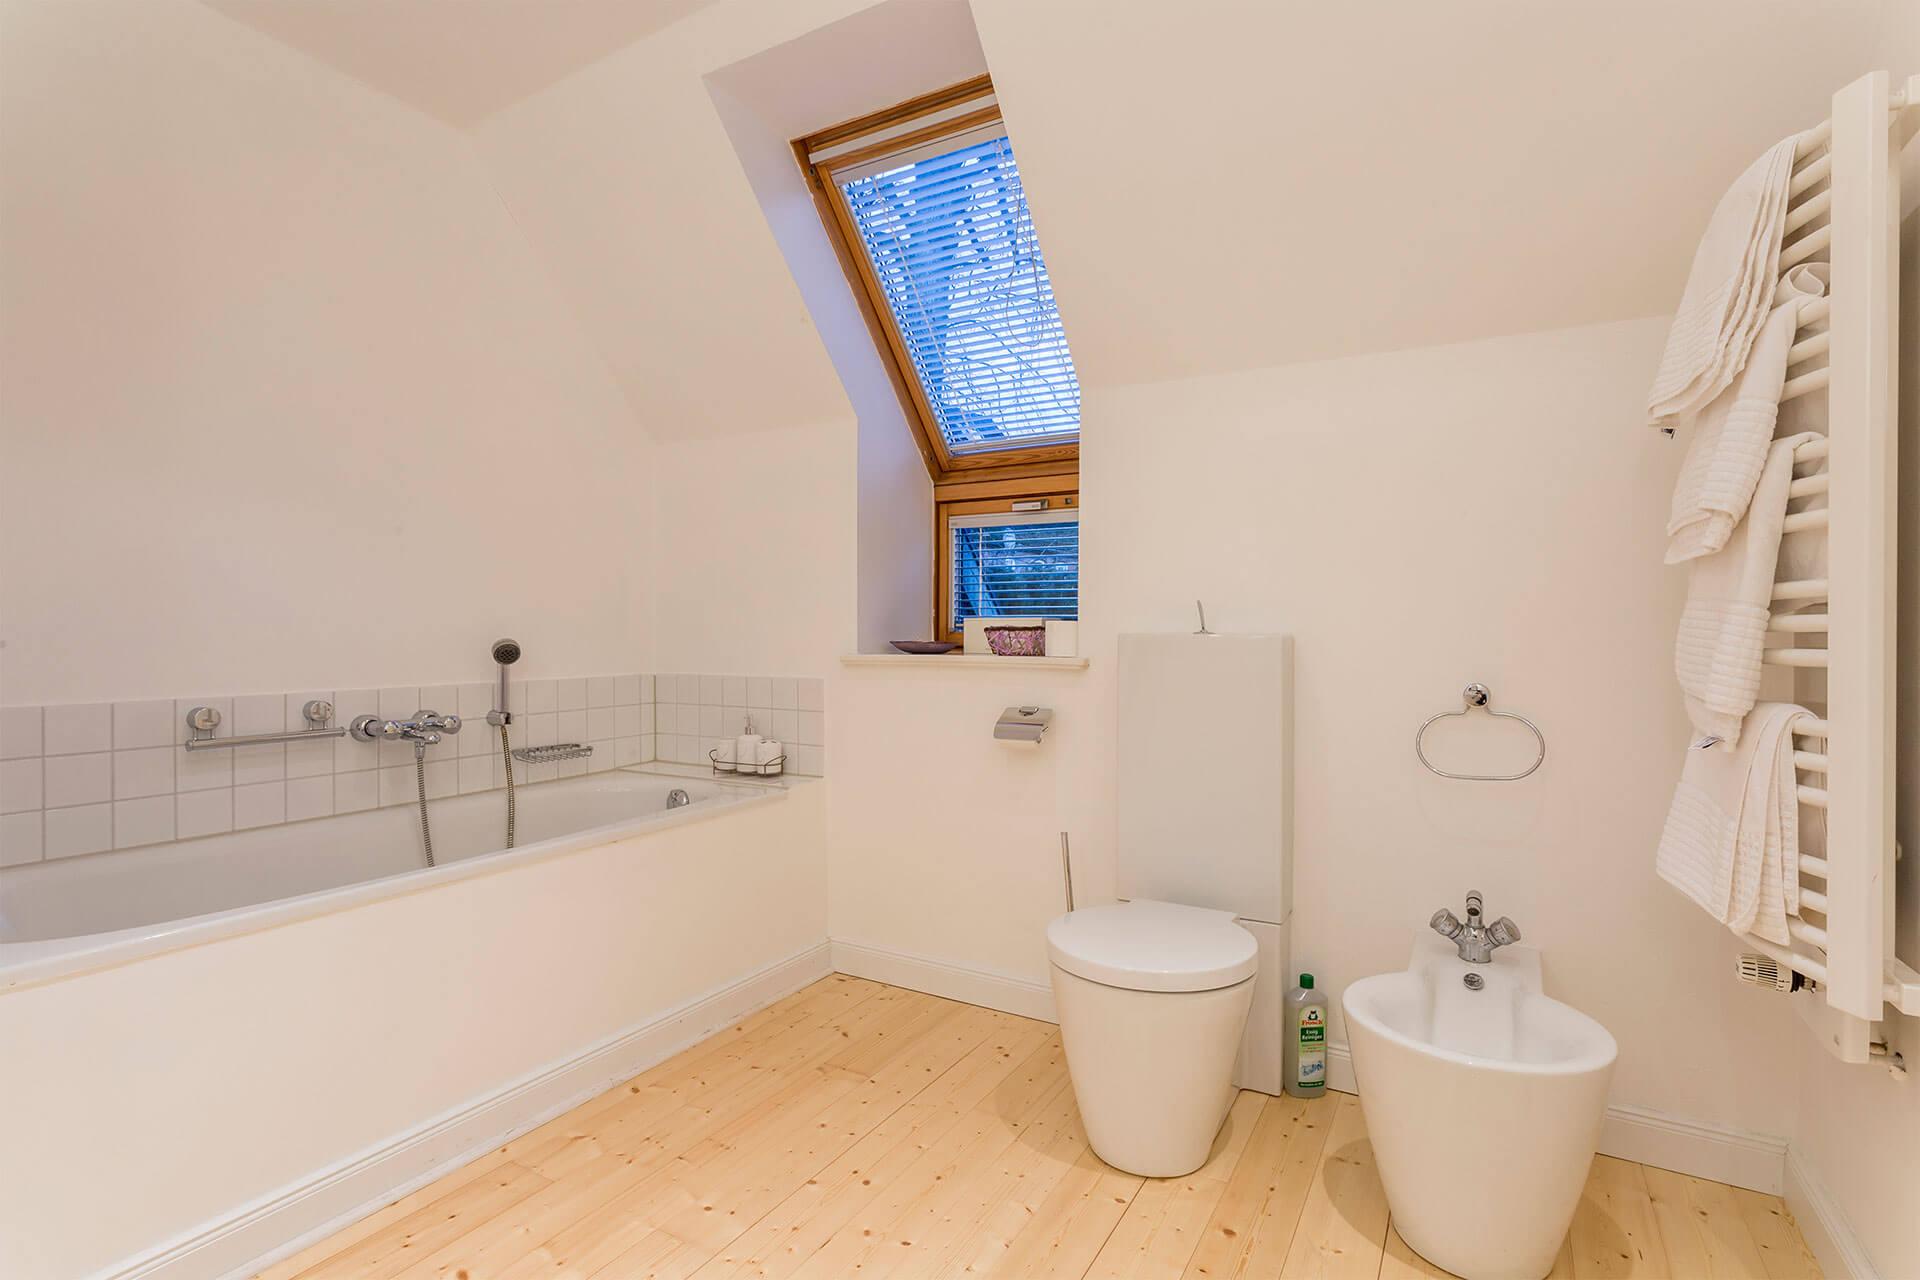 Badezimmer mit Badewanne, Bidet, Designer WC und Holzboden